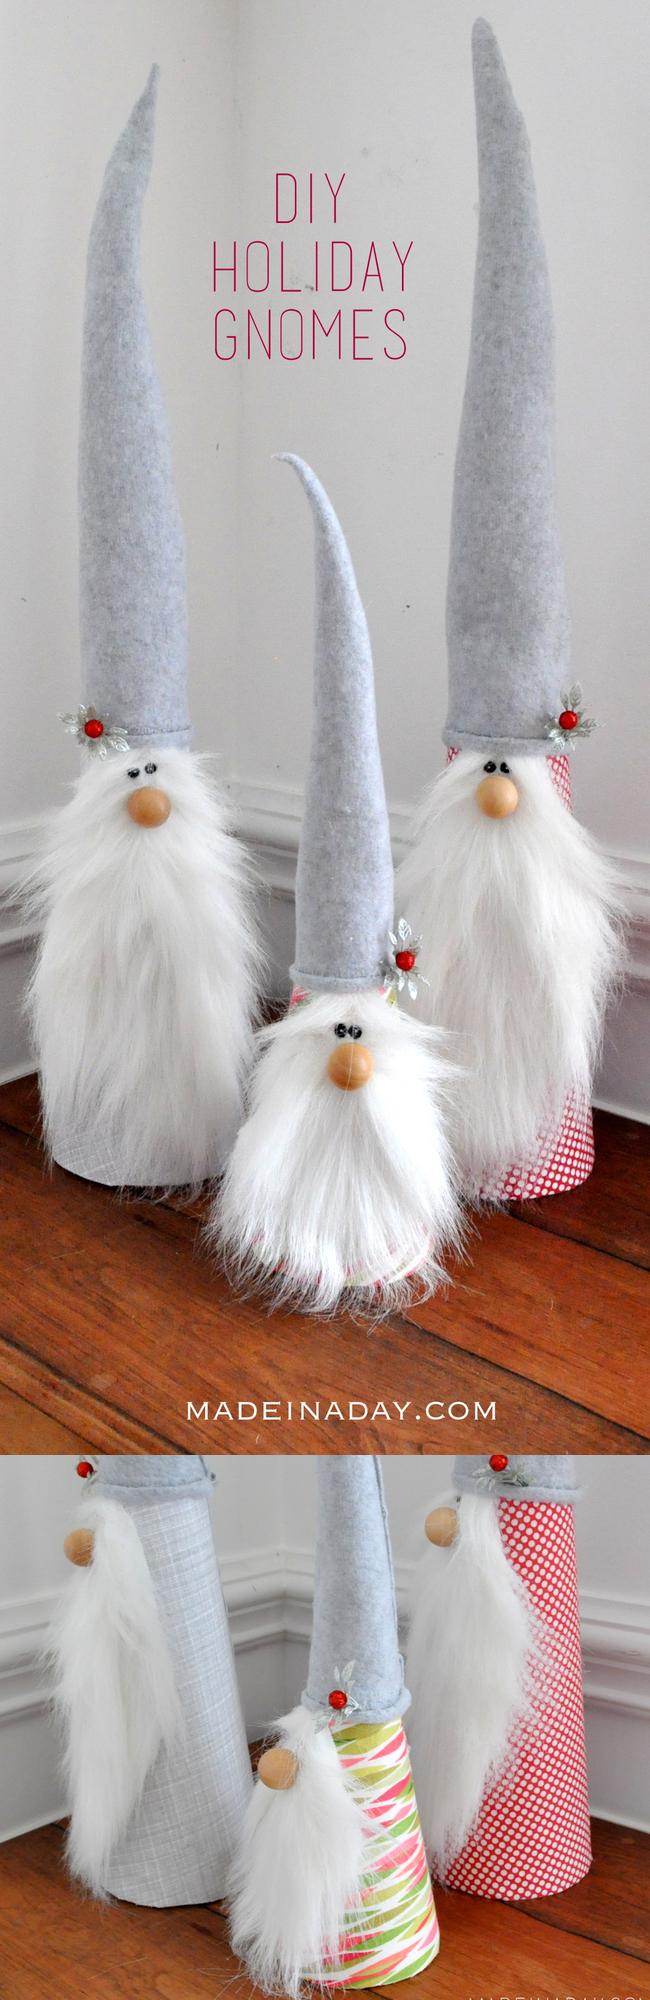 DIY Holiday Gnomes Kerstvakantie, Ideeën voor